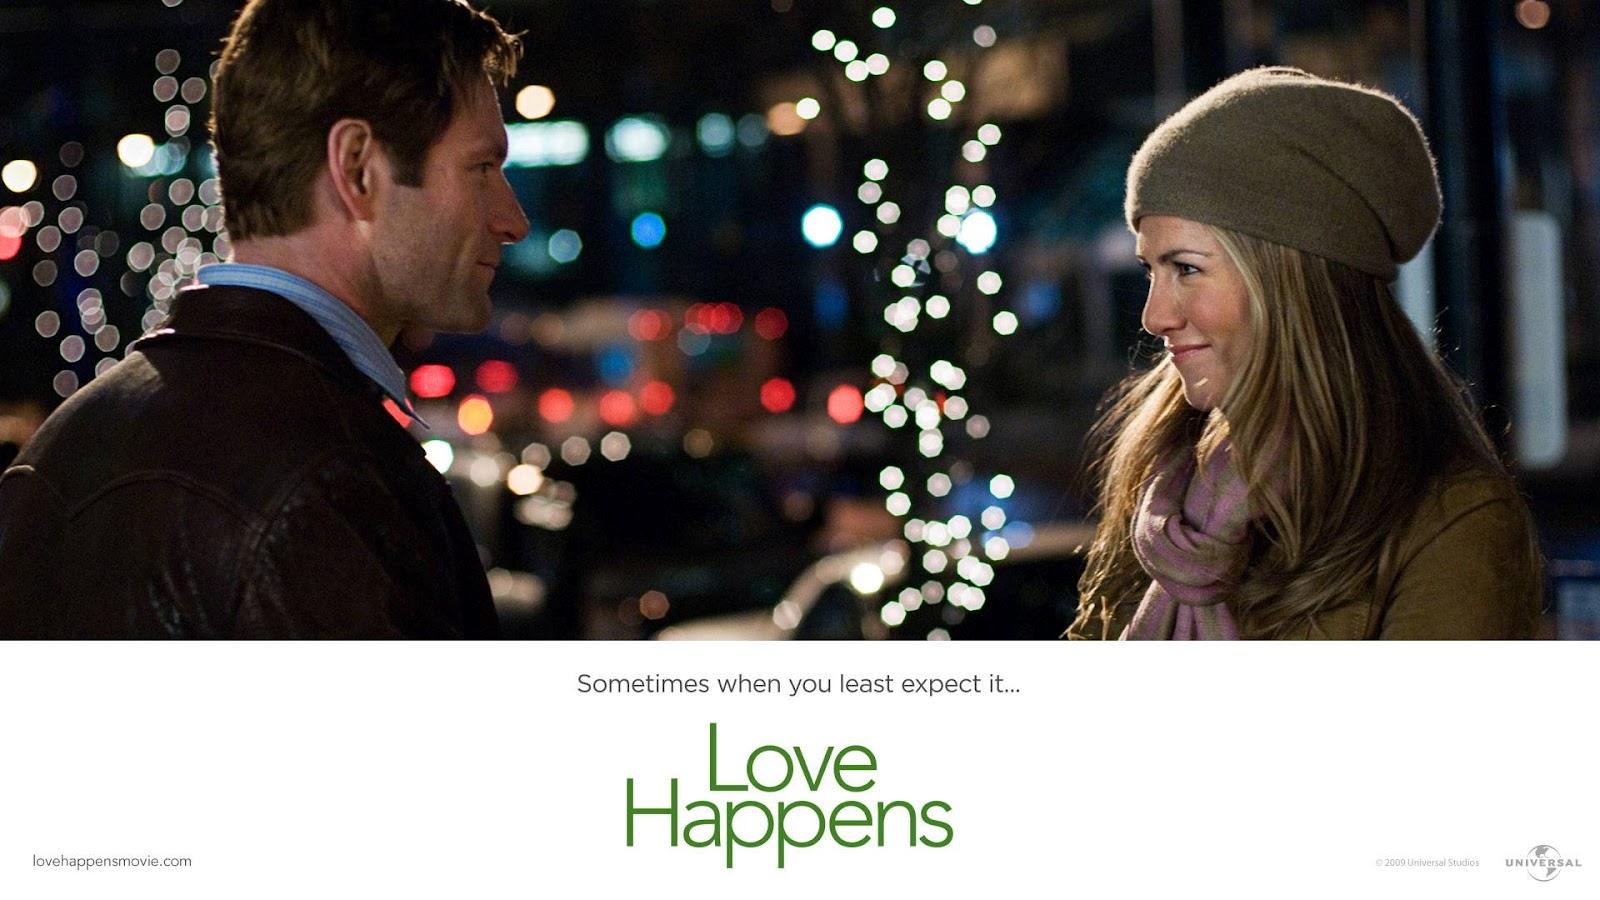 http://1.bp.blogspot.com/-zFdYRFHIl08/T72qRsuBlsI/AAAAAAAAJqA/g_Atx4KV8TM/s1600/Love_Happens_(2009)-5.jpg